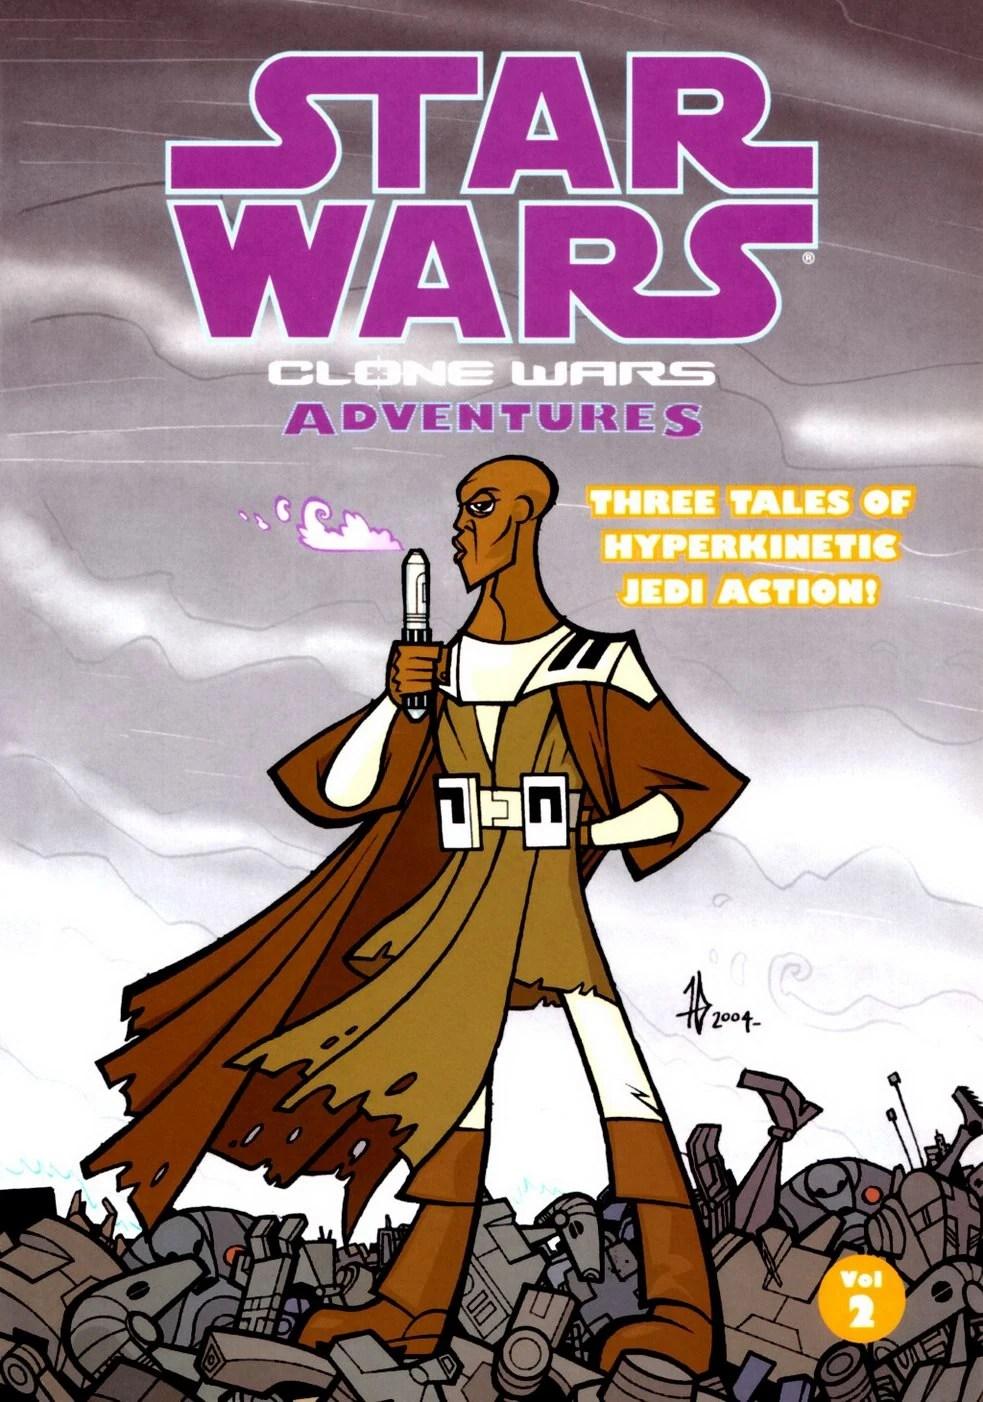 Star Wars Clone Wars Adventures Volume 2 - Wookieepedia